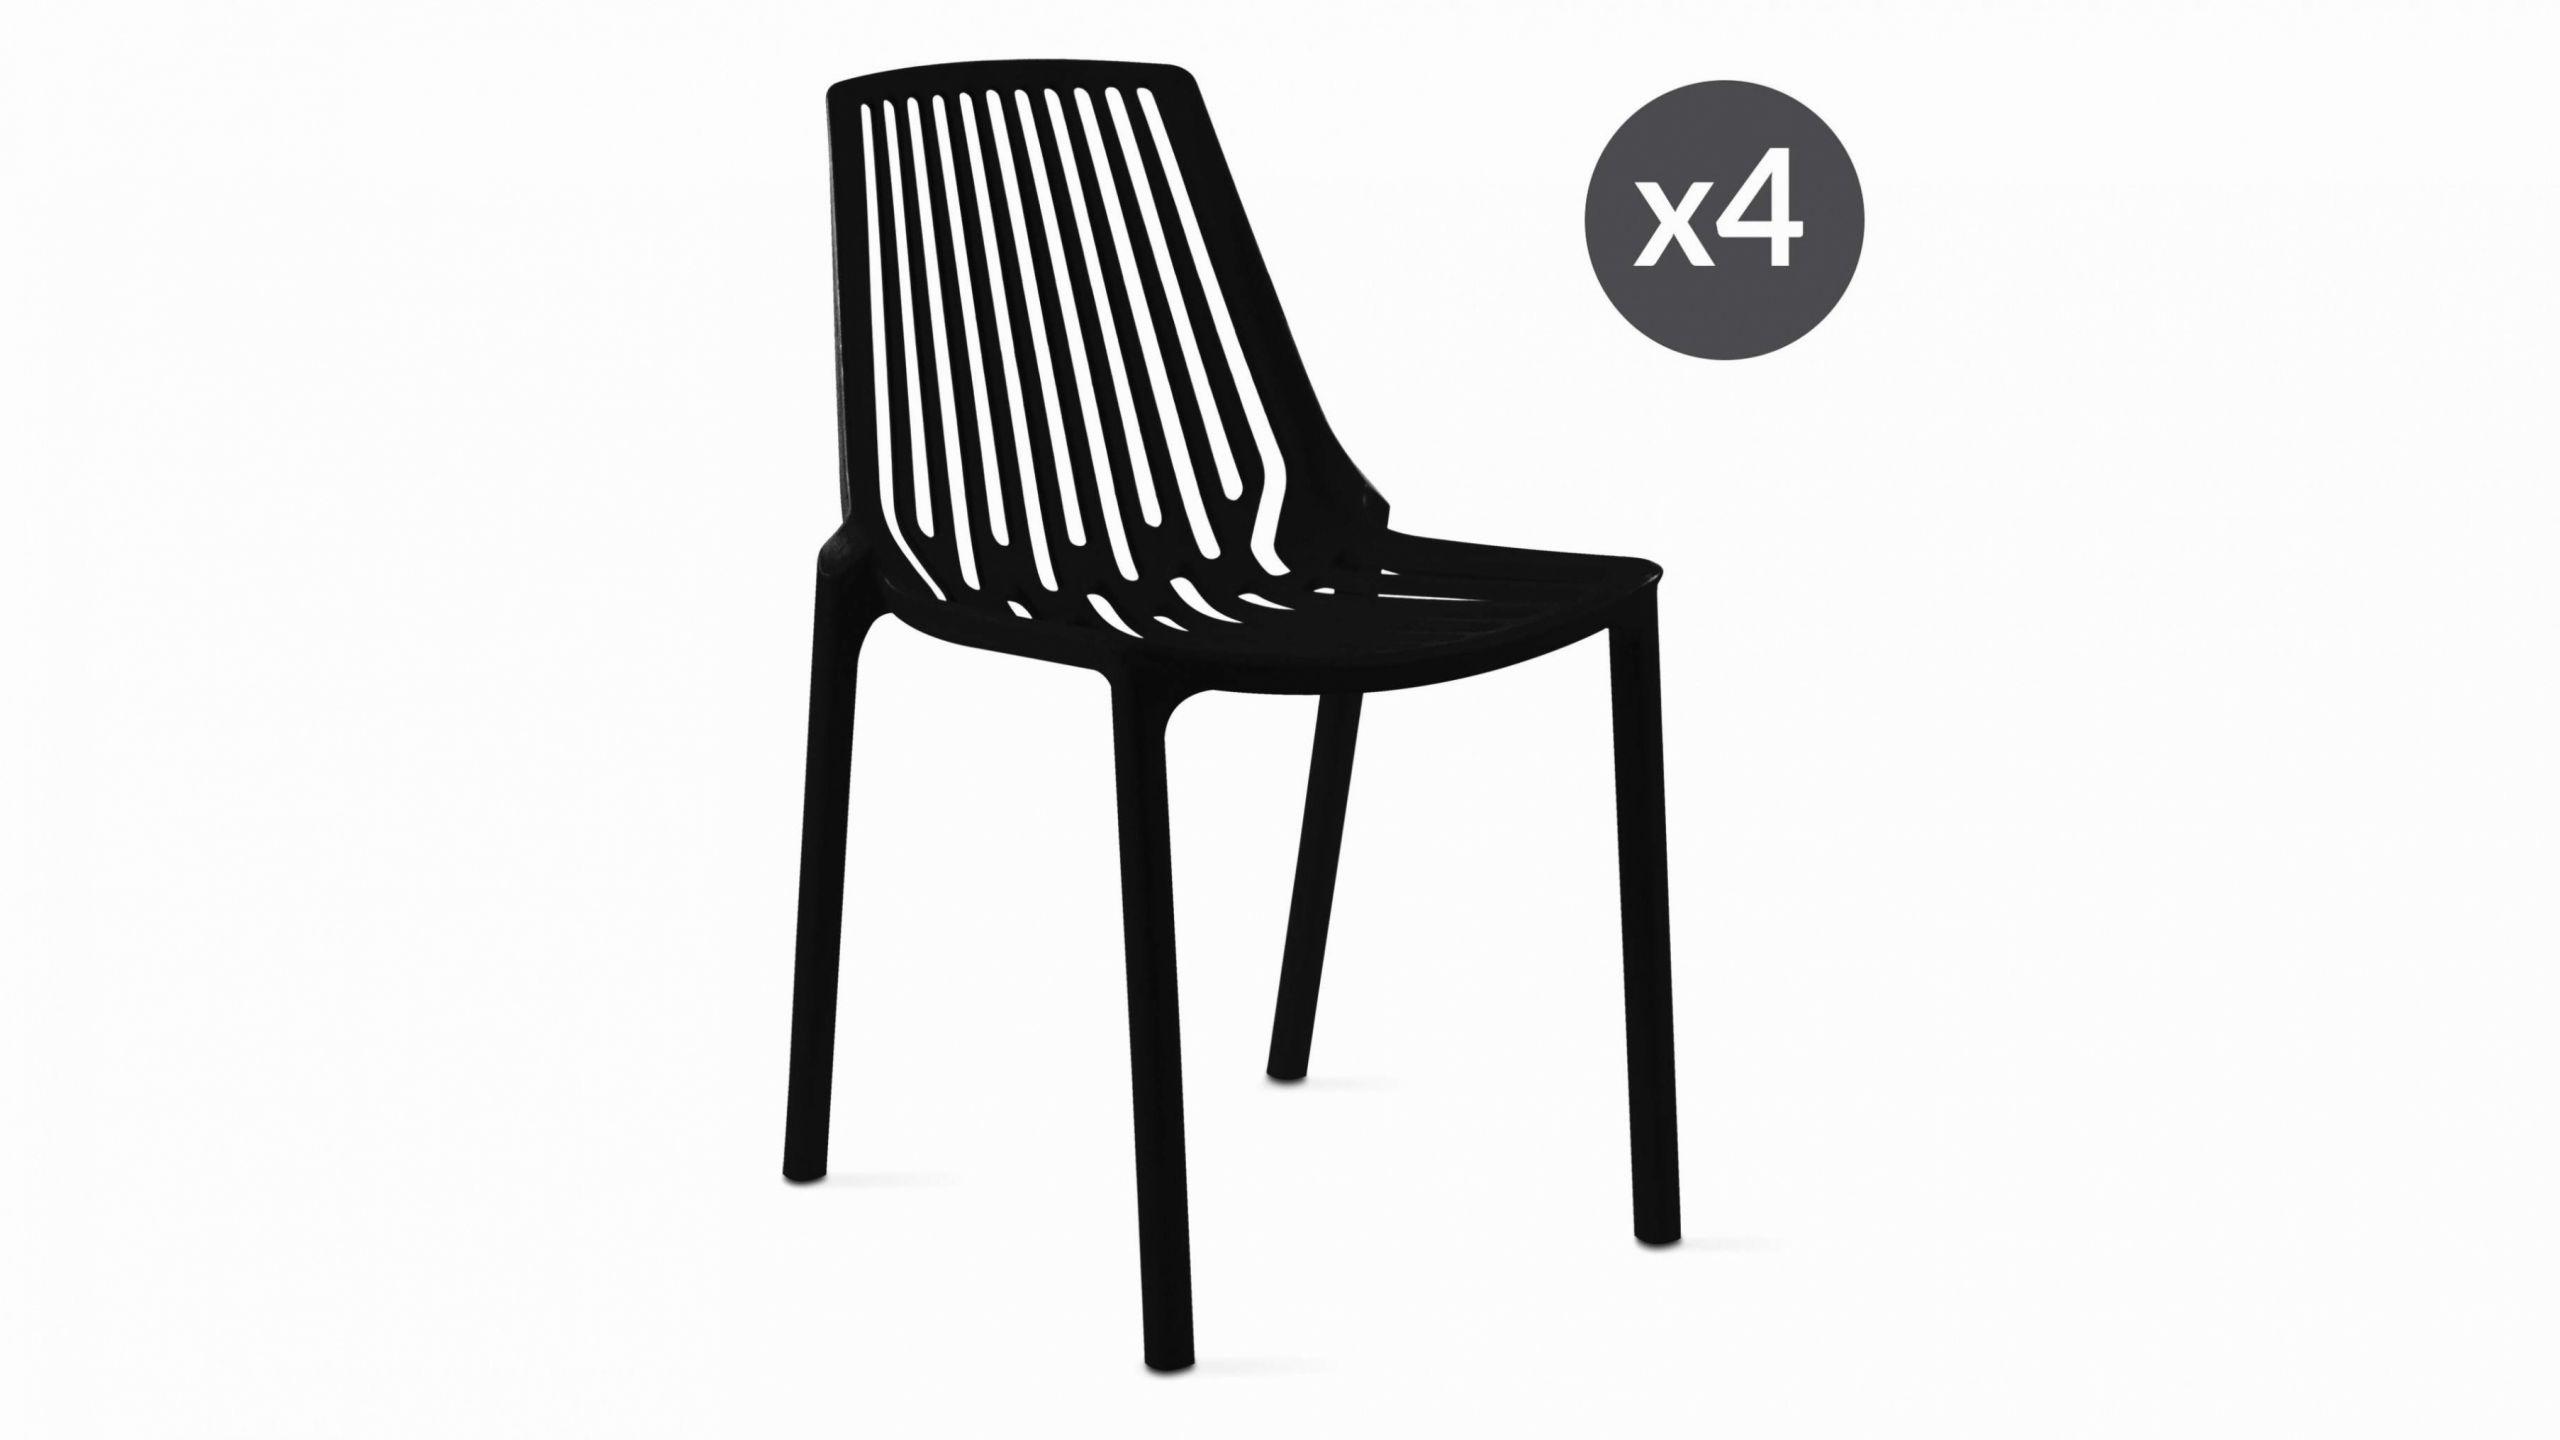 salon de jardin rond beautiful banc salon elegant table cuisine bois fauteuil rond exterieur of fauteuil rond exterieur